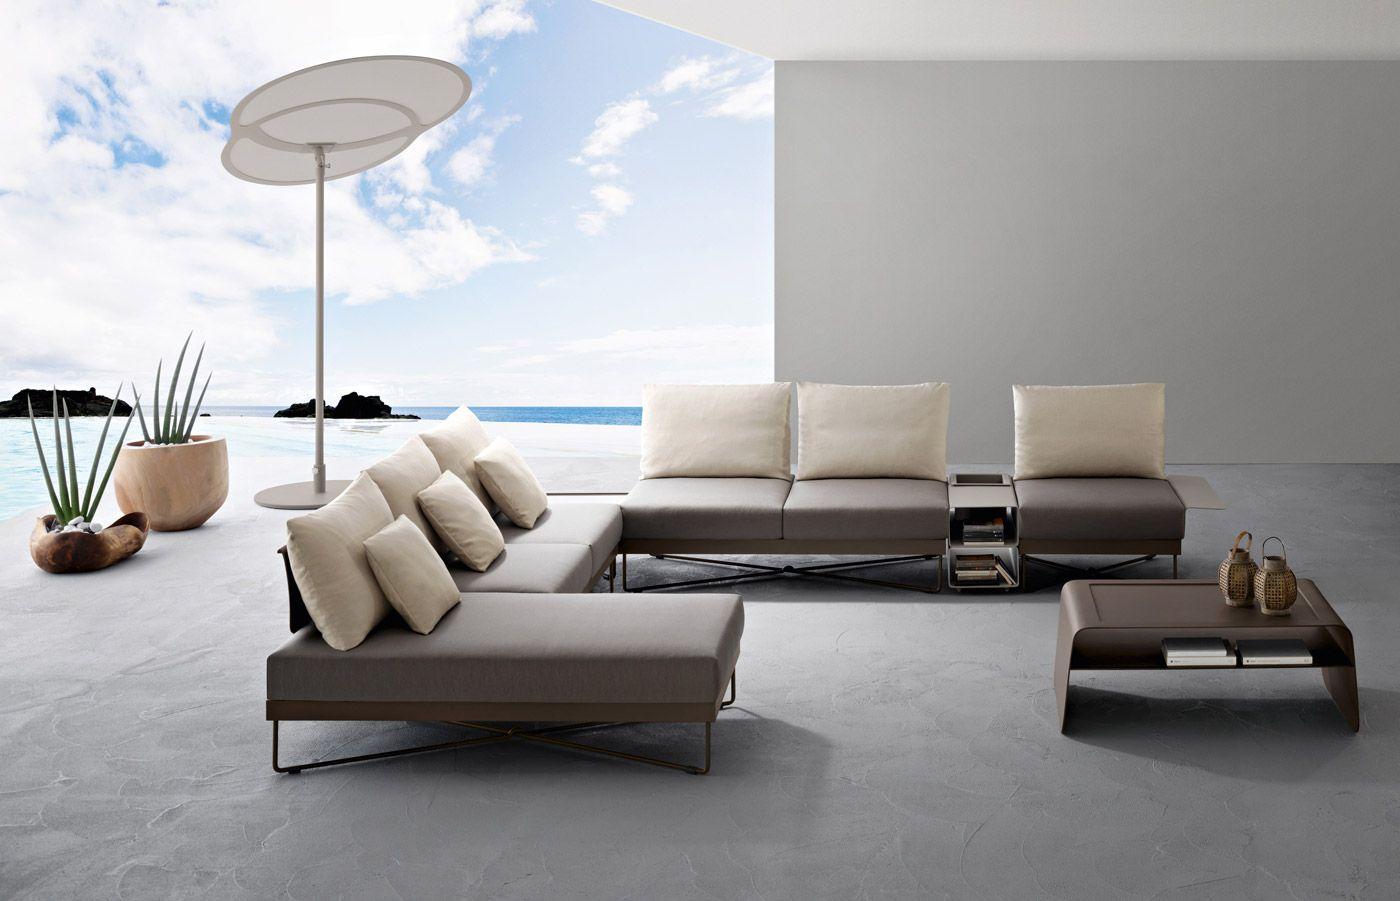 Mobili Italiani Di Lusso : Outdoor furniture roberti intérieurs contrastés en bw bois